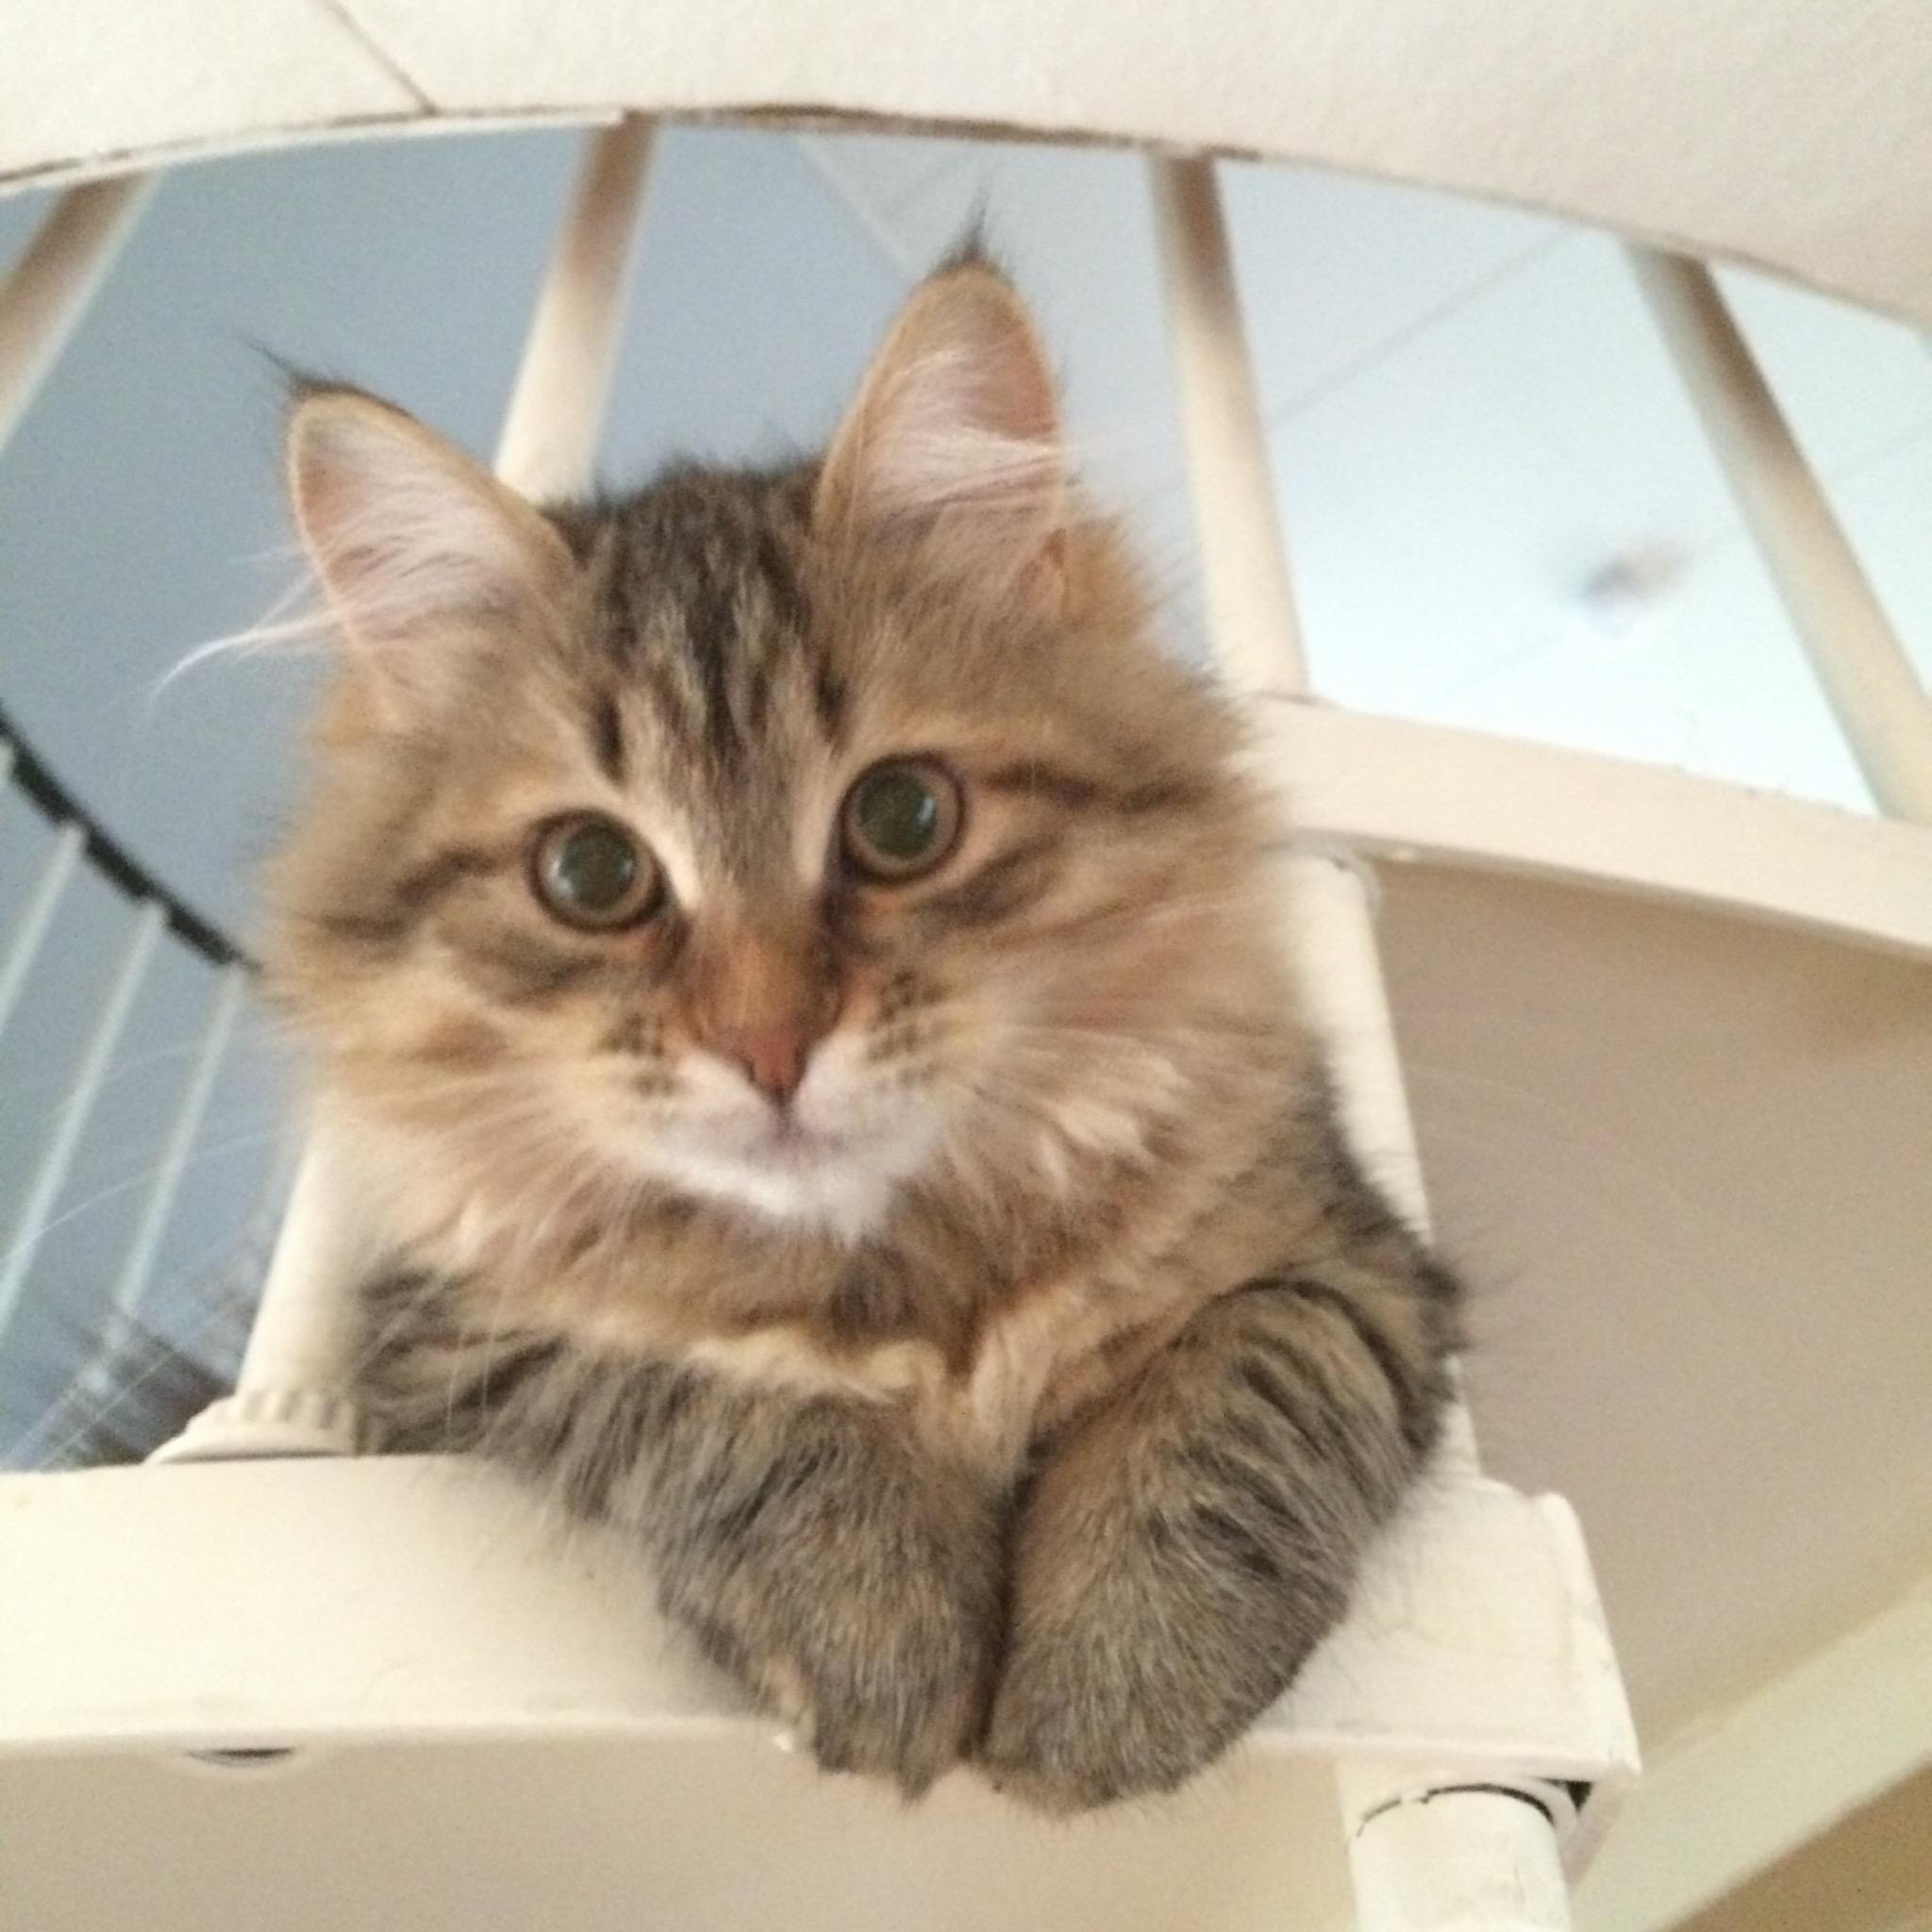 allergivänlig katt